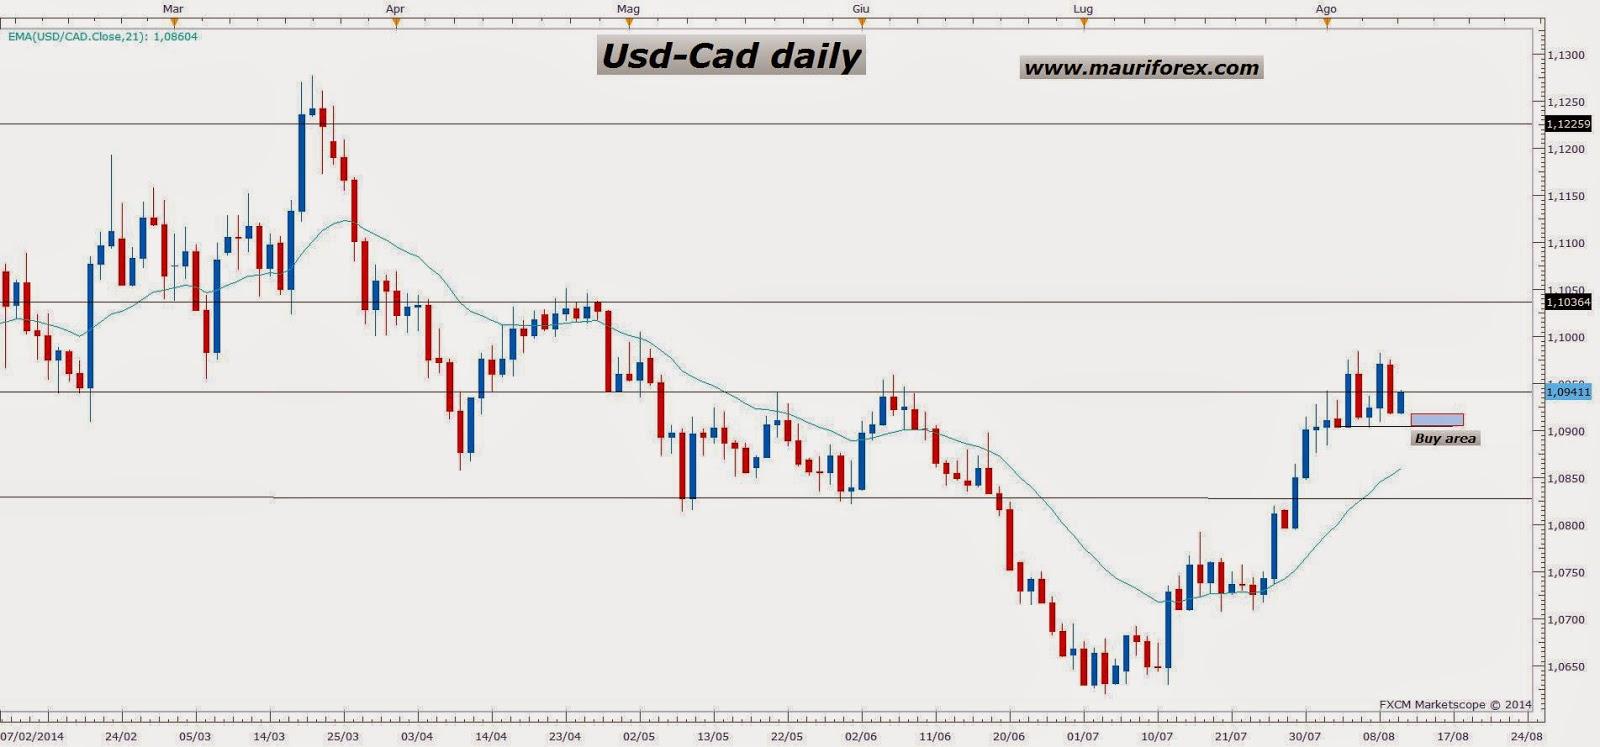 WWW.MAURIFOREX.COM: Señales Forex: Usd-Cad, posible reanudación del ...